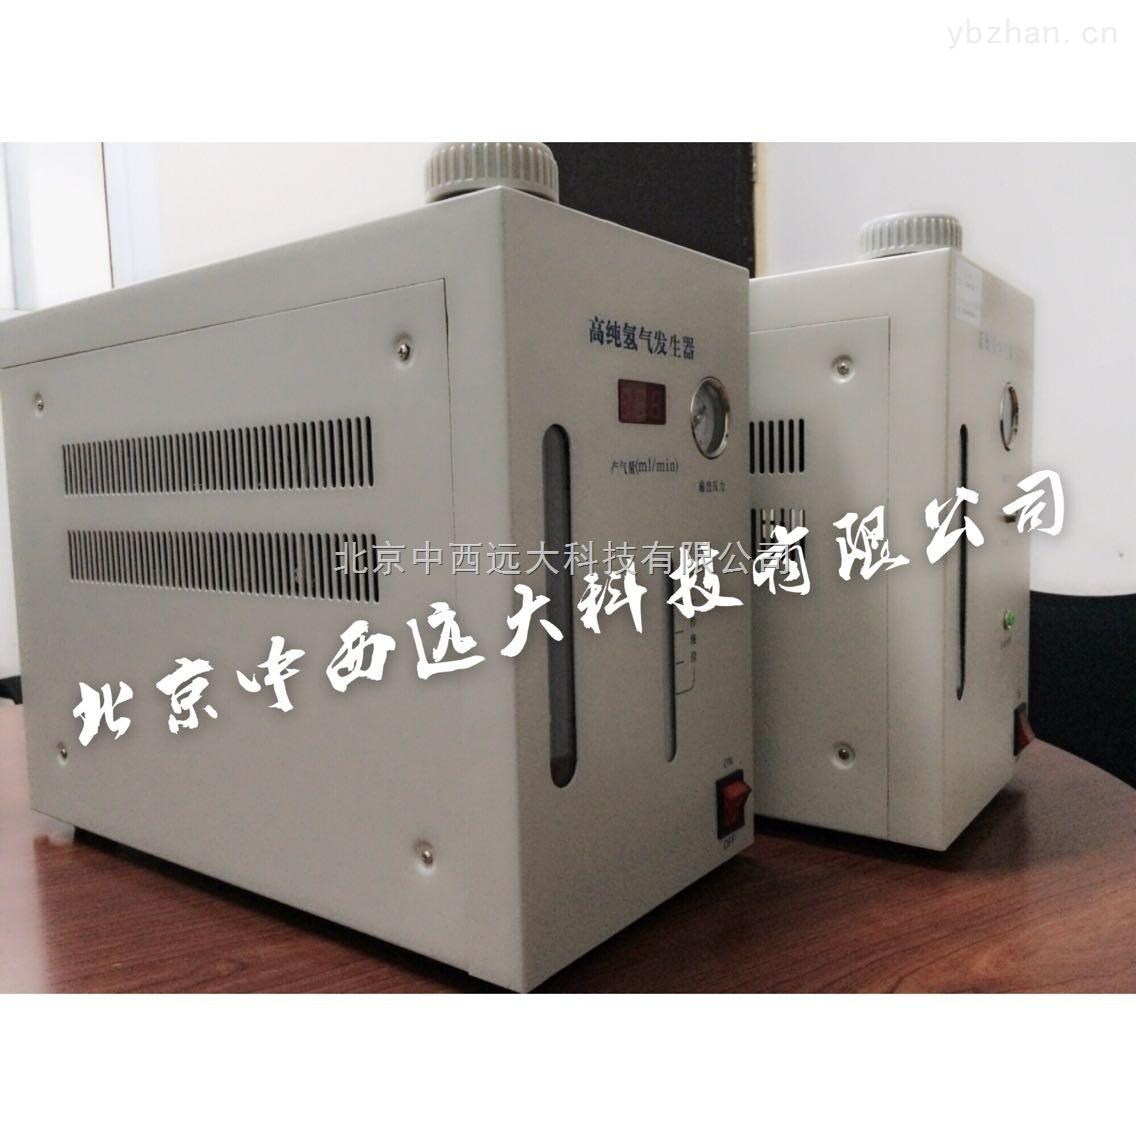 TJ27/m210-H500/SGH50-中西牌高純氫氣發生器(中西器材) 型號:TJ27/m210-H500/SGH500庫號:M12812